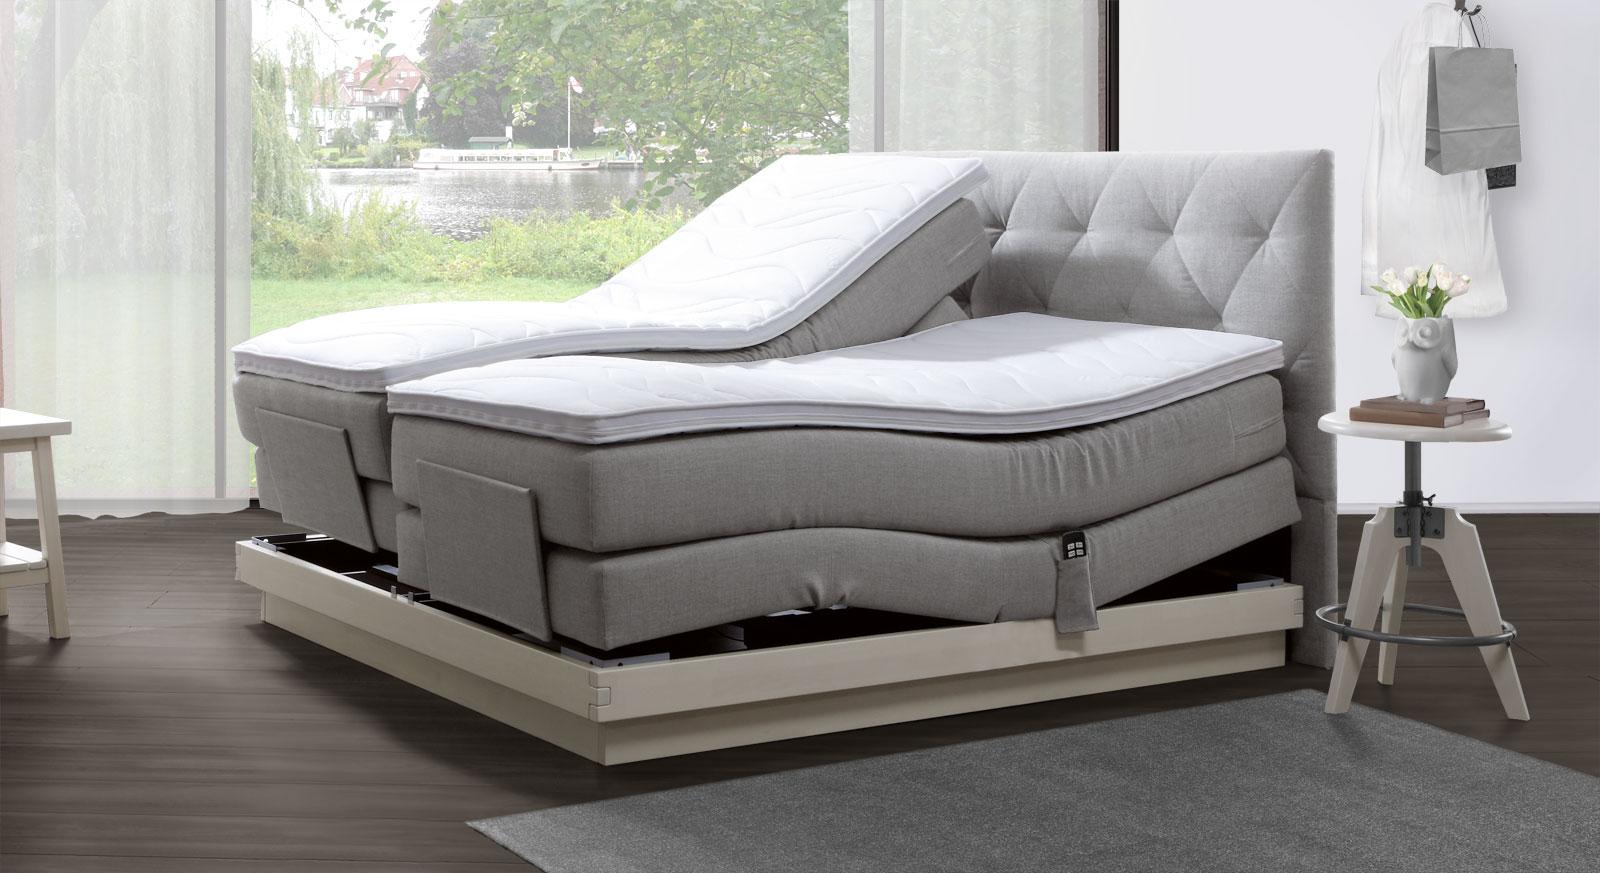 Boxspringbett Fremont mit elektrischer Verstelllung, hellgrauem Stoff und in Buche weiß.